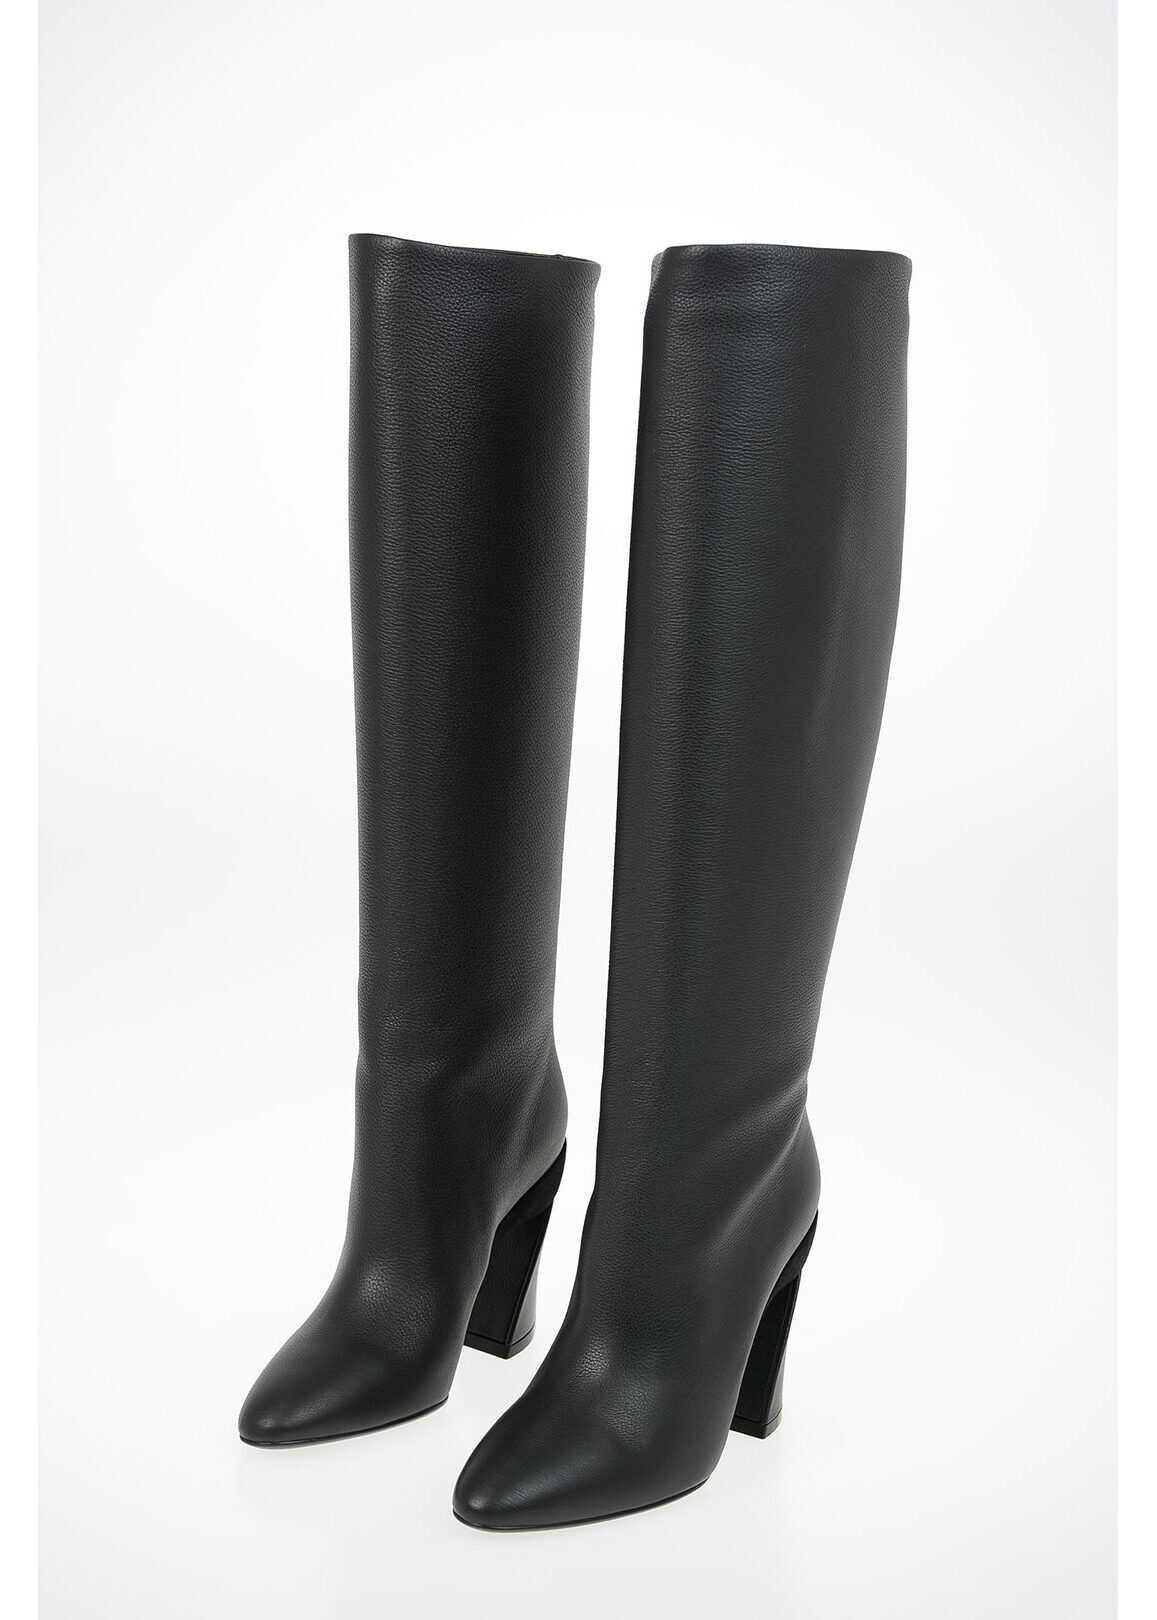 Salvatore Ferragamo Leather Pull On ANTEA X5 Boots BLACK imagine b-mall.ro